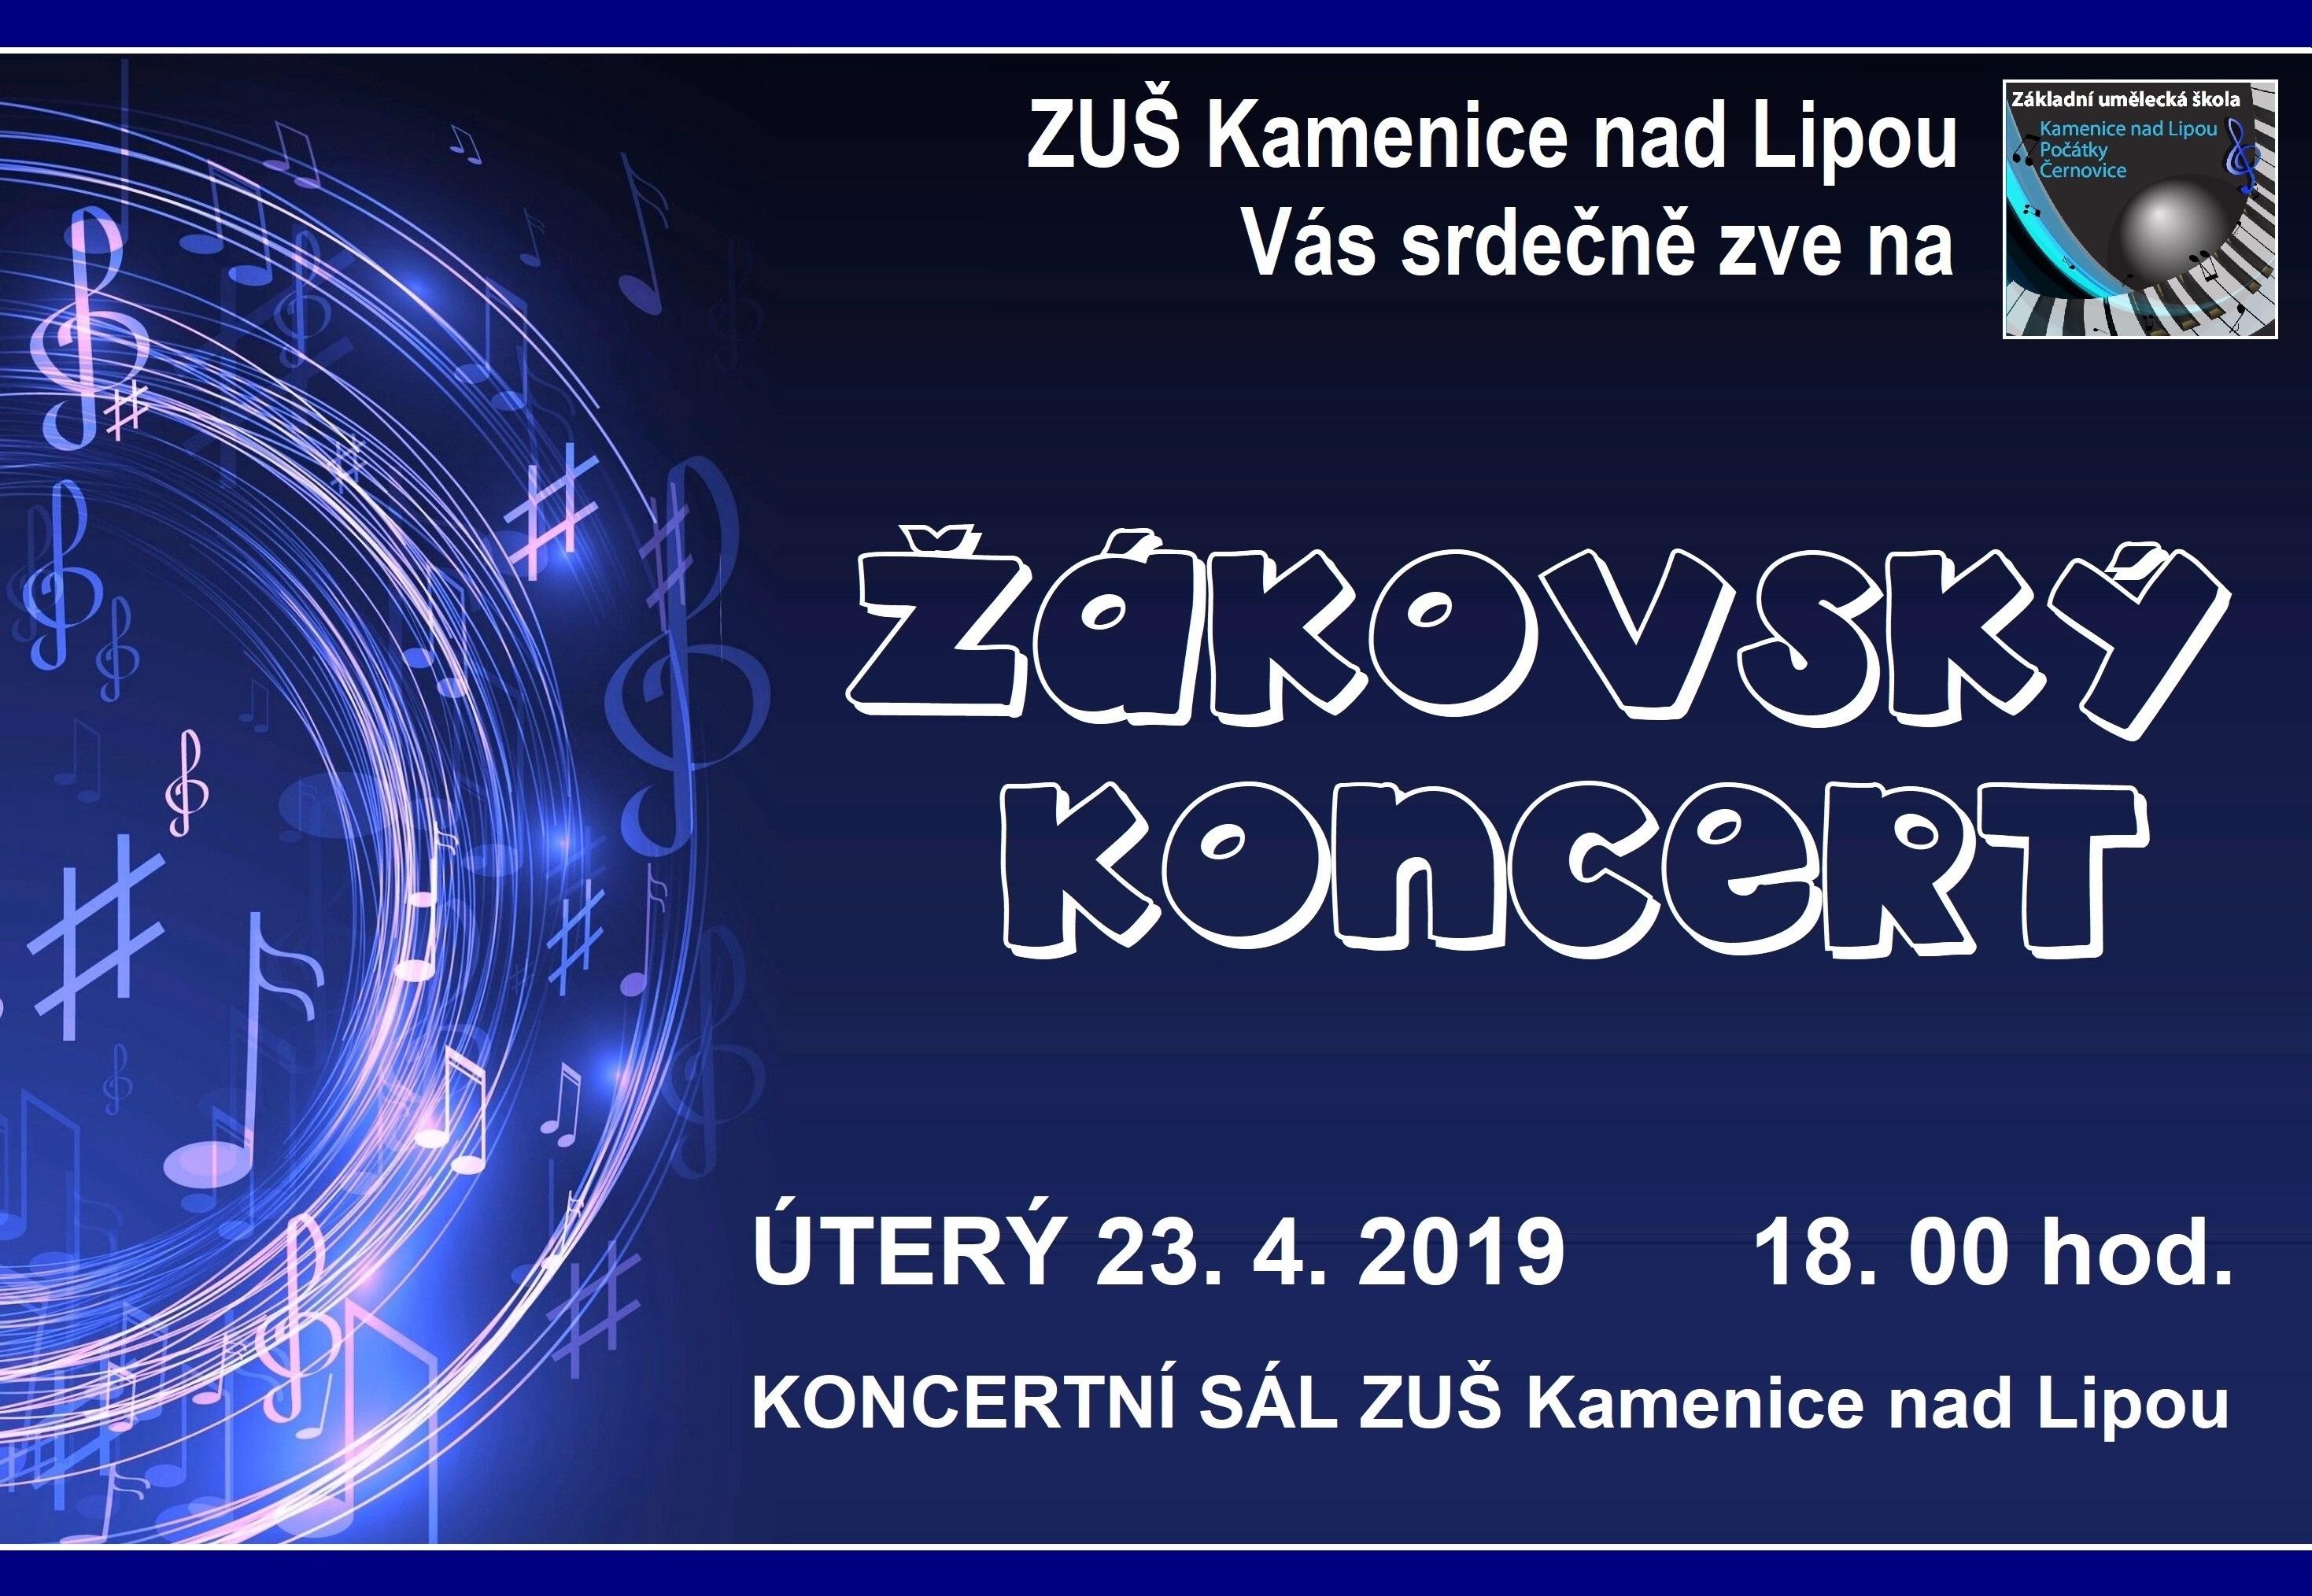 23. 4. 2019 - ŽÁKOVSKÝ KONCERT - KAMENICE NAD LIPOU